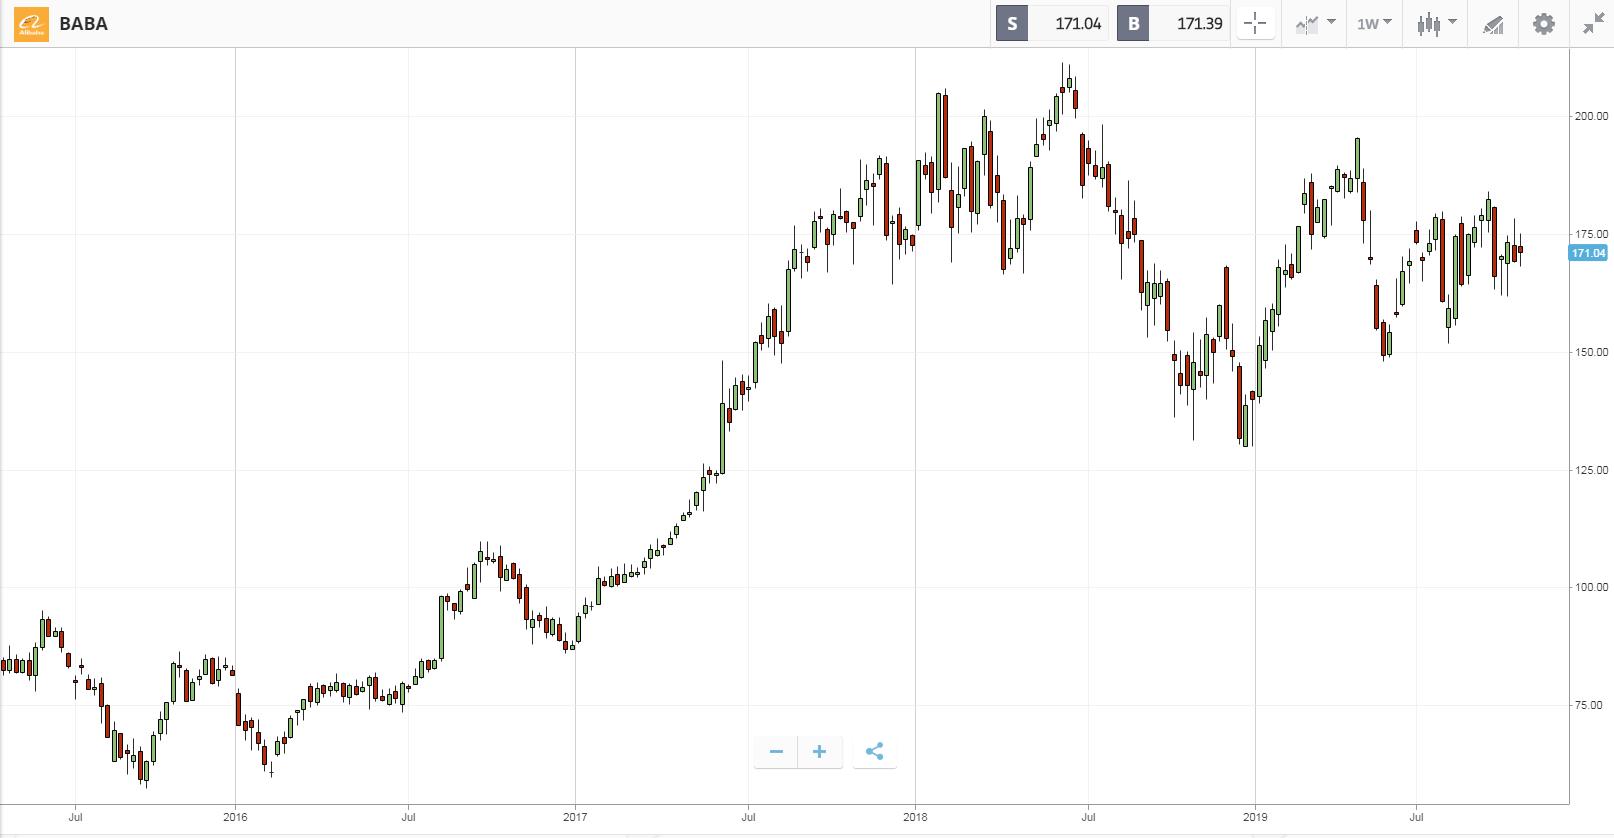 Biểu đồ biến động giá của Alibaba